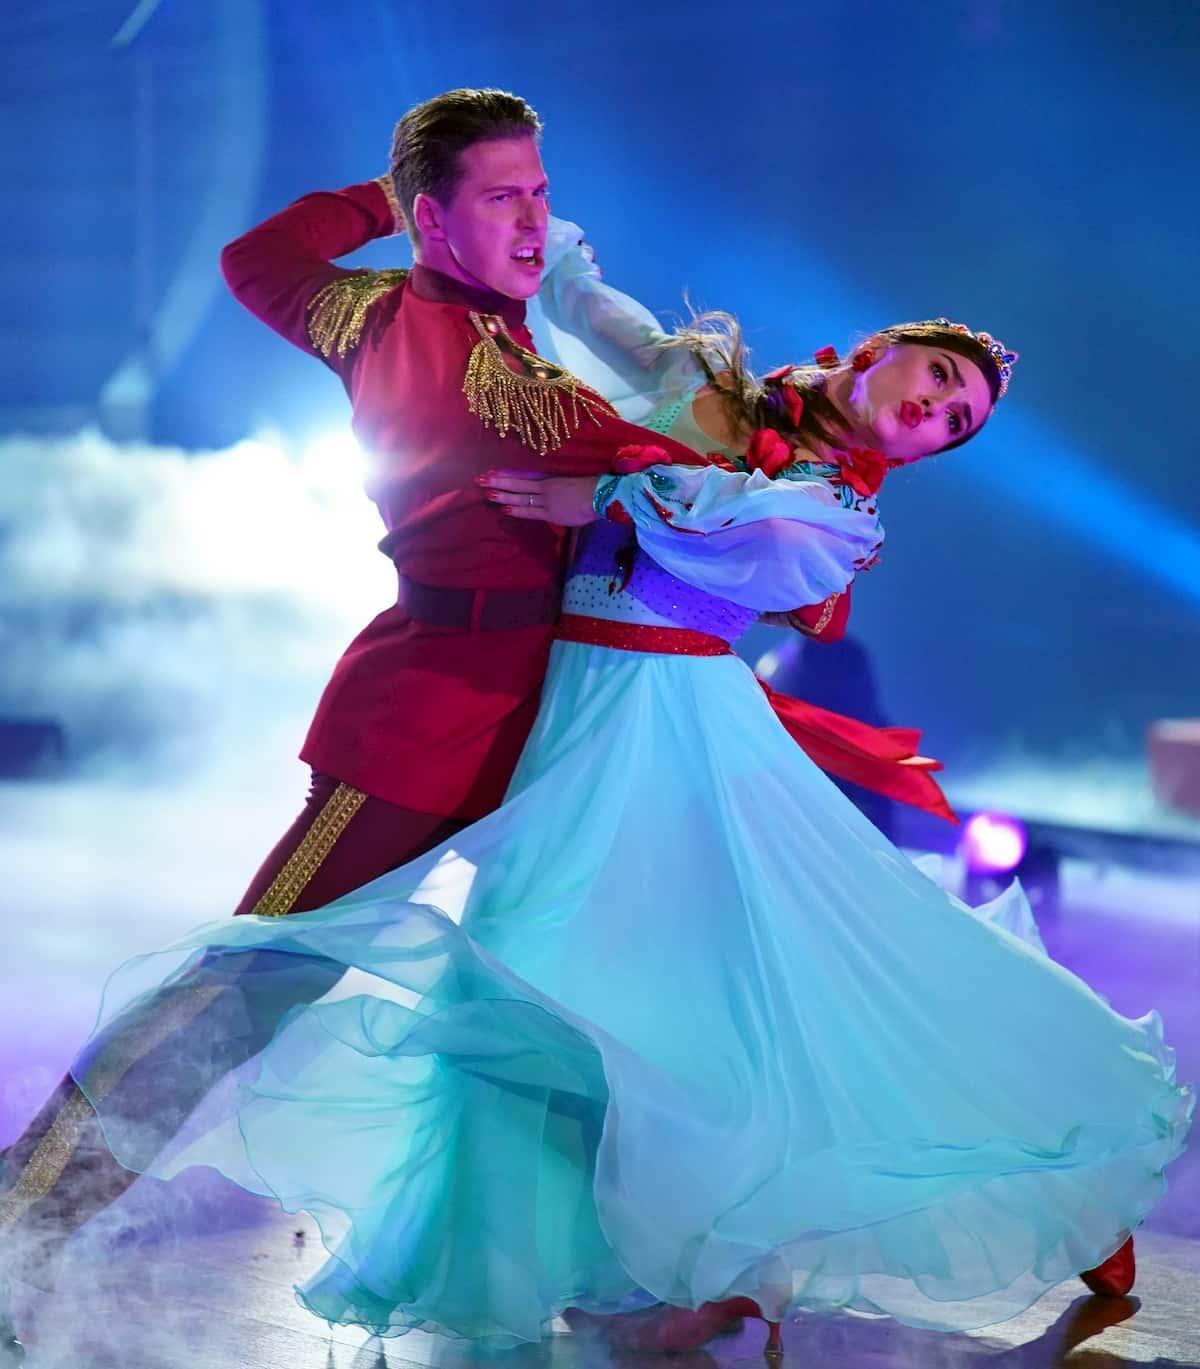 Valentin Lusin - Renata Lusin bei der Profi-Challenge Let's dance am 29.5.2020